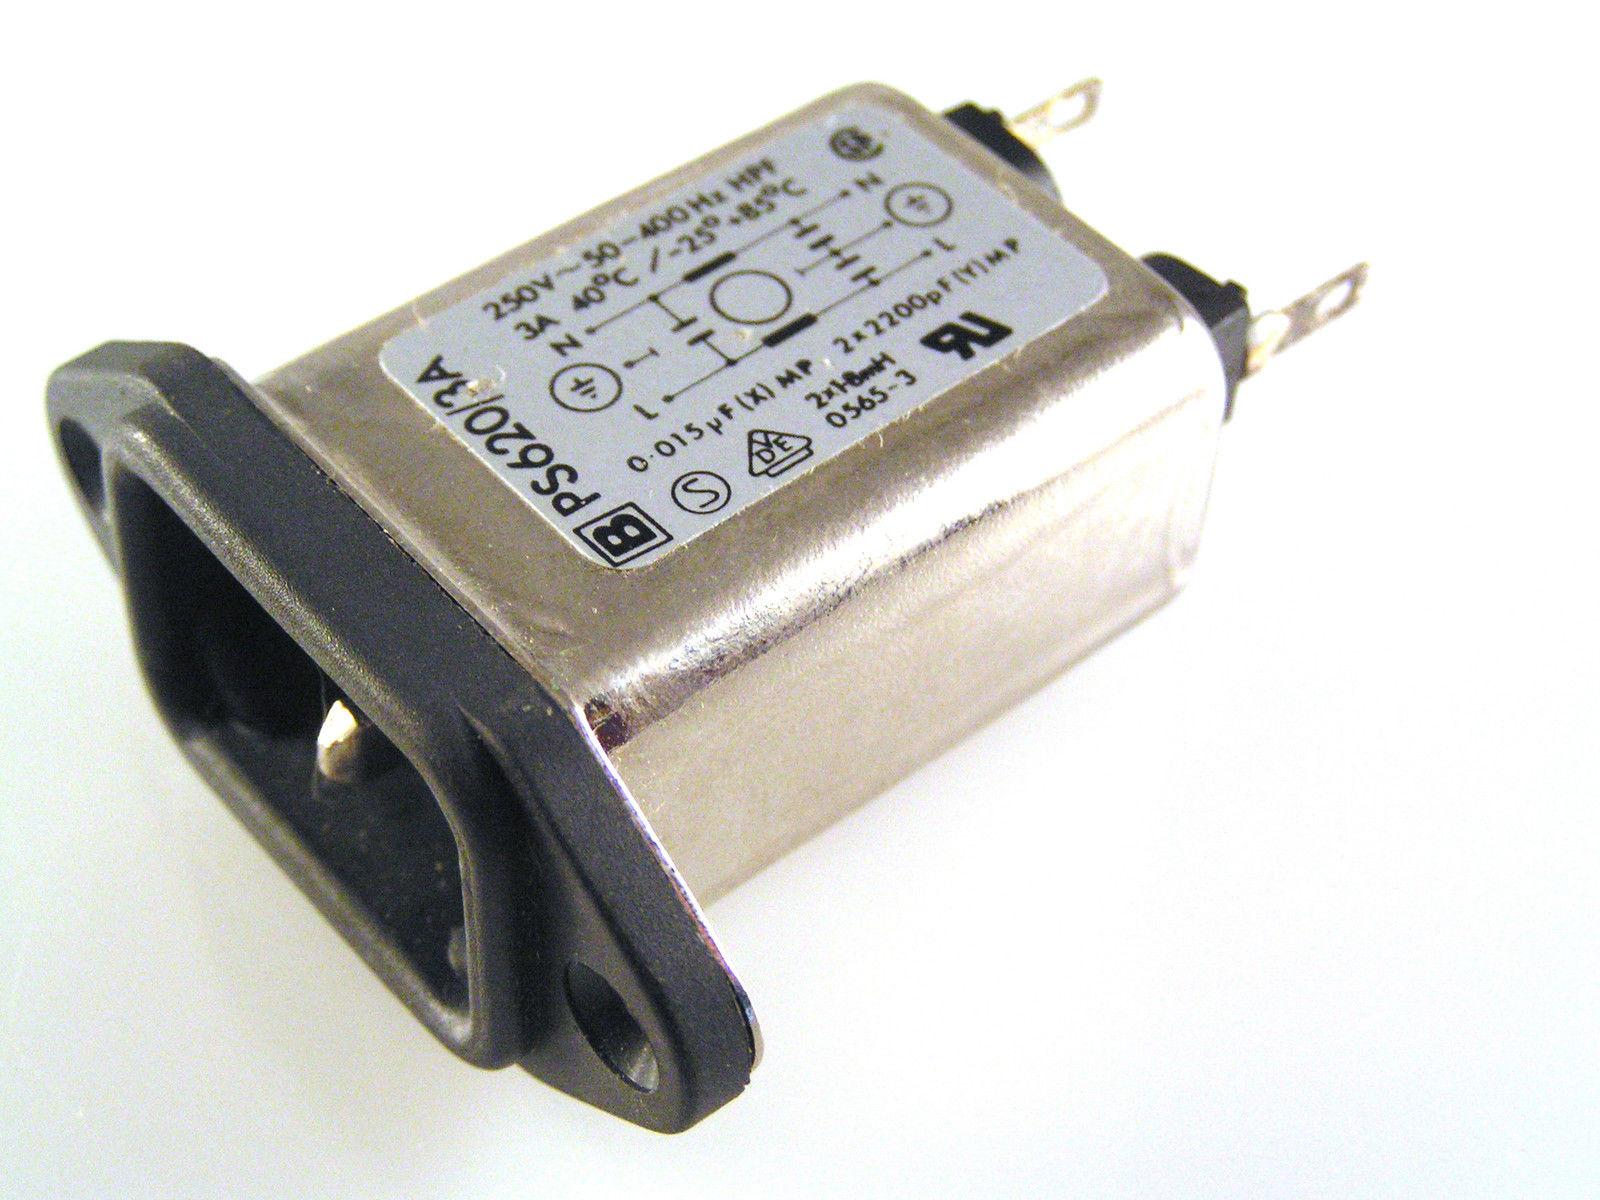 Timonta FKF2-45-2//I Fused Mains Filter IEC Input Socket 250VAC 2A Swiss OM0388c